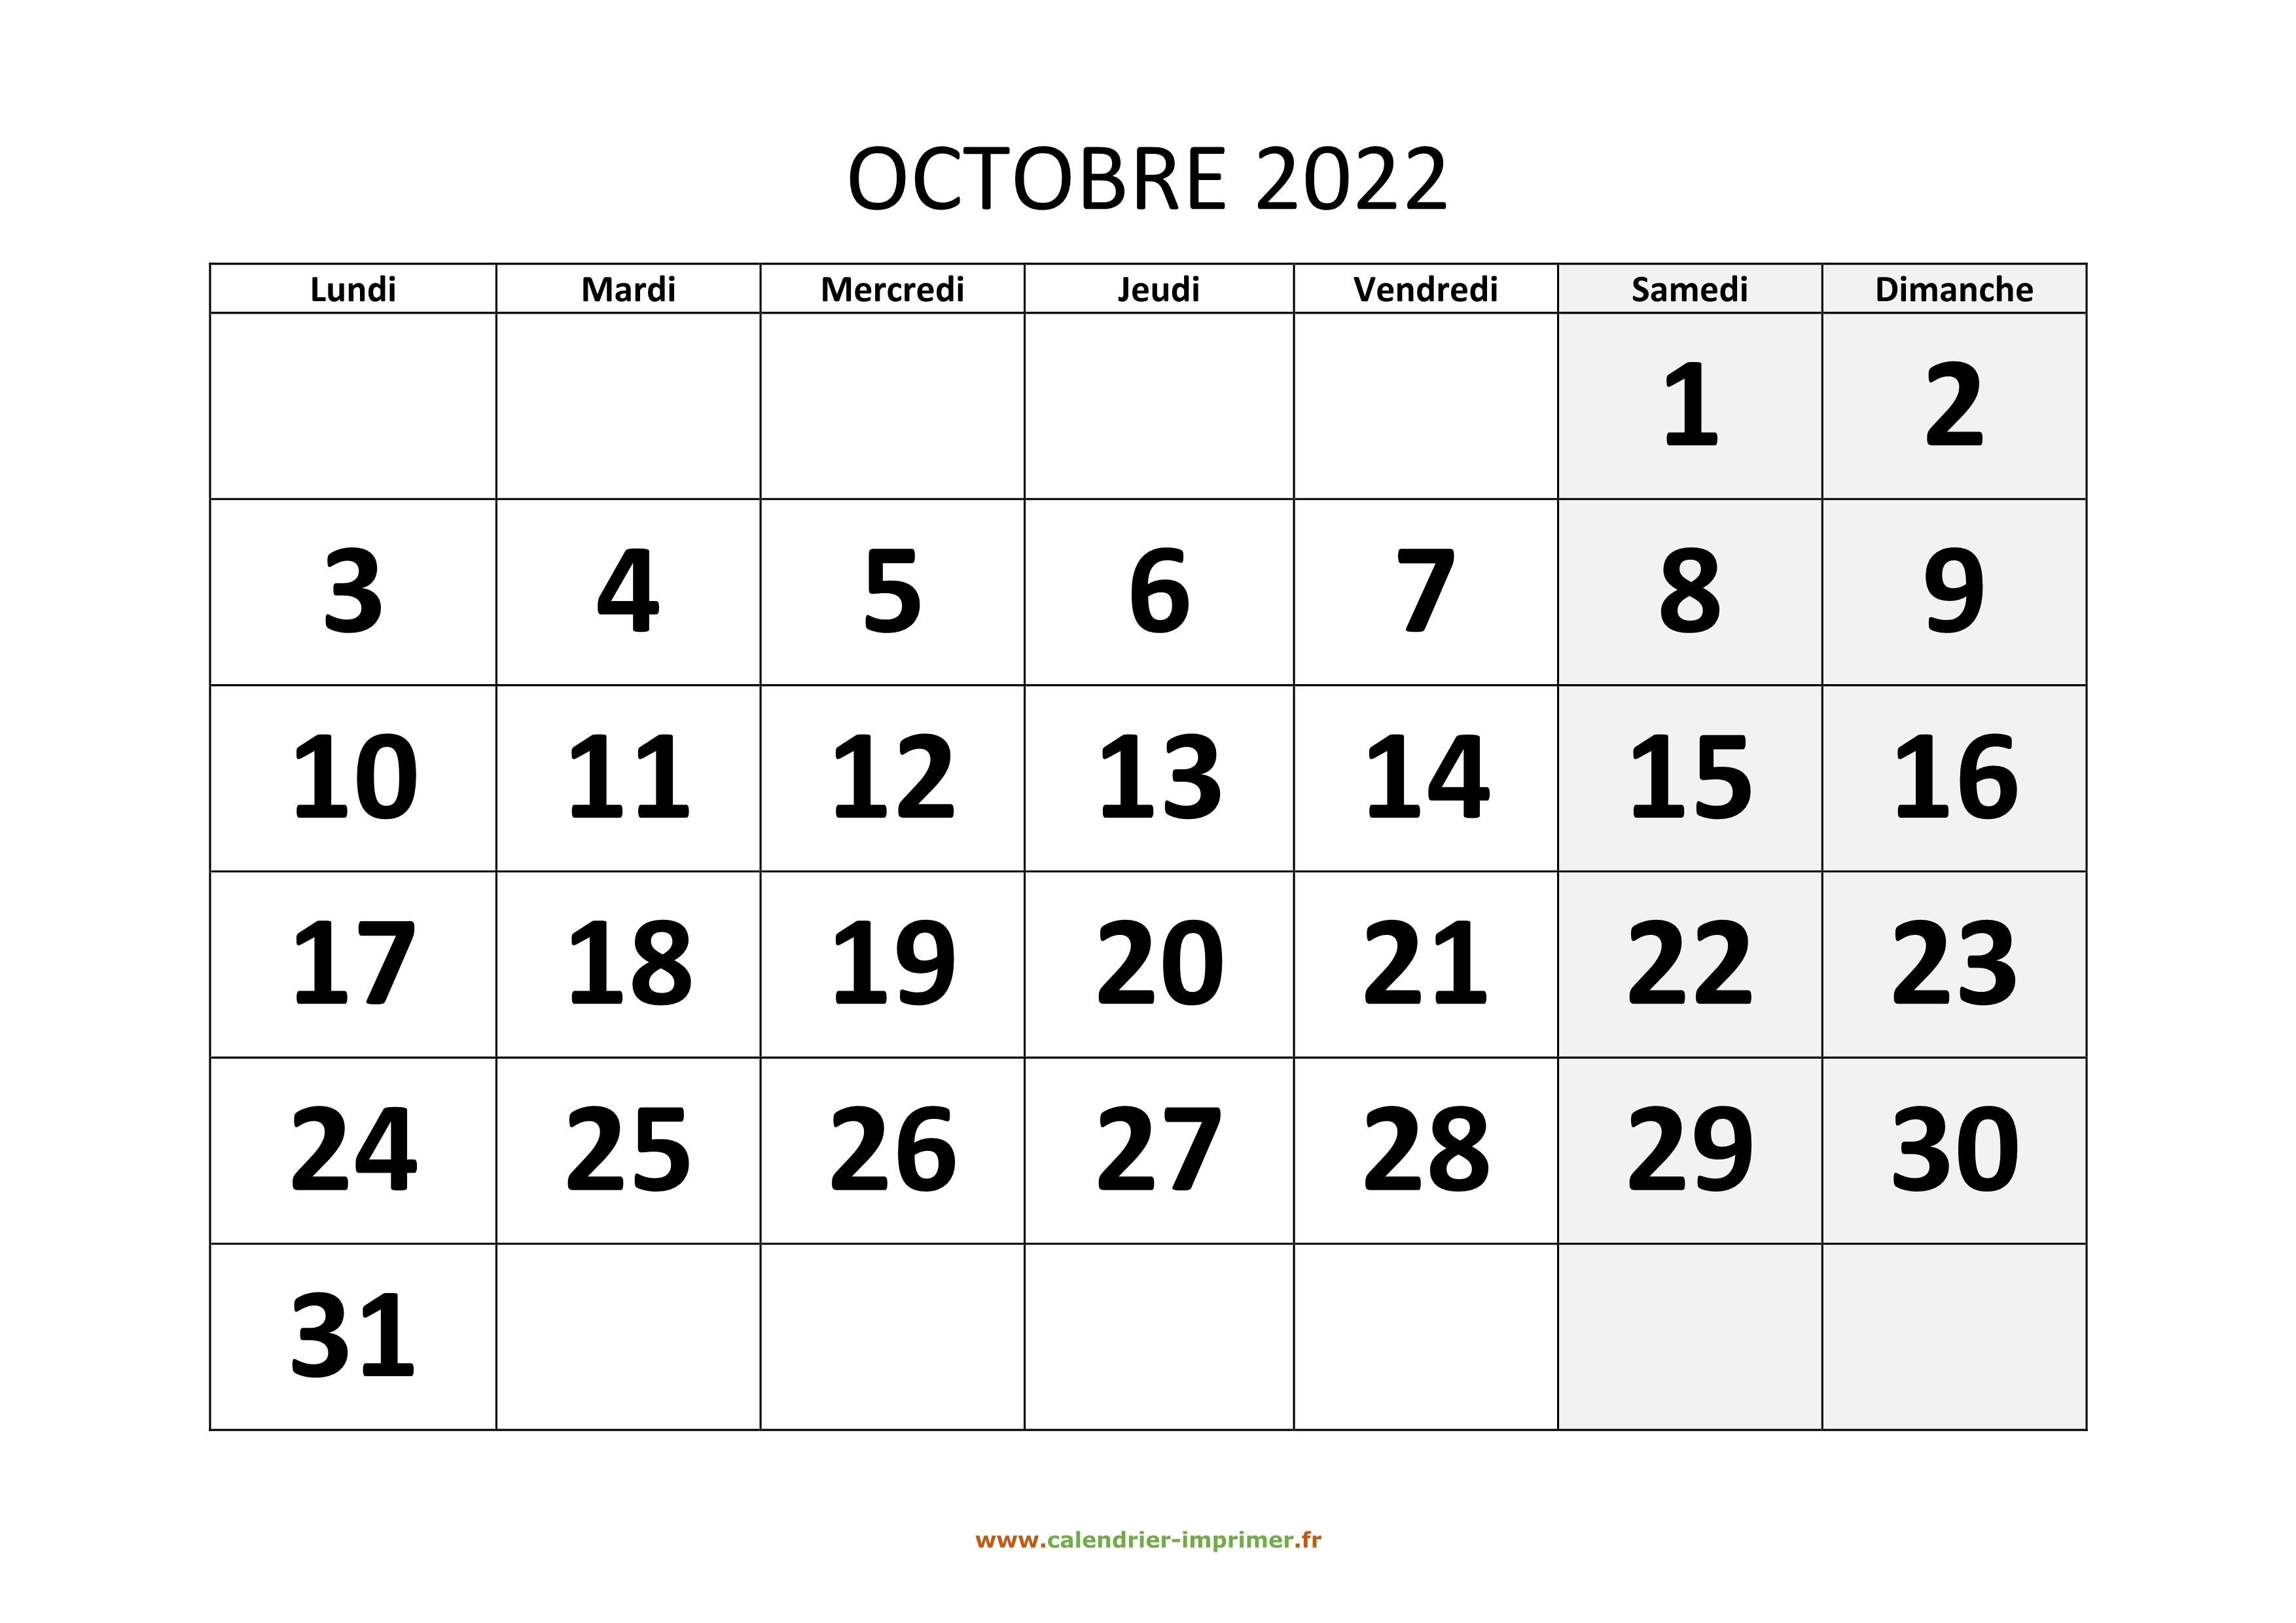 Calendrier Septembre Octobre 2022 Calendrier Octobre 2022 à imprimer